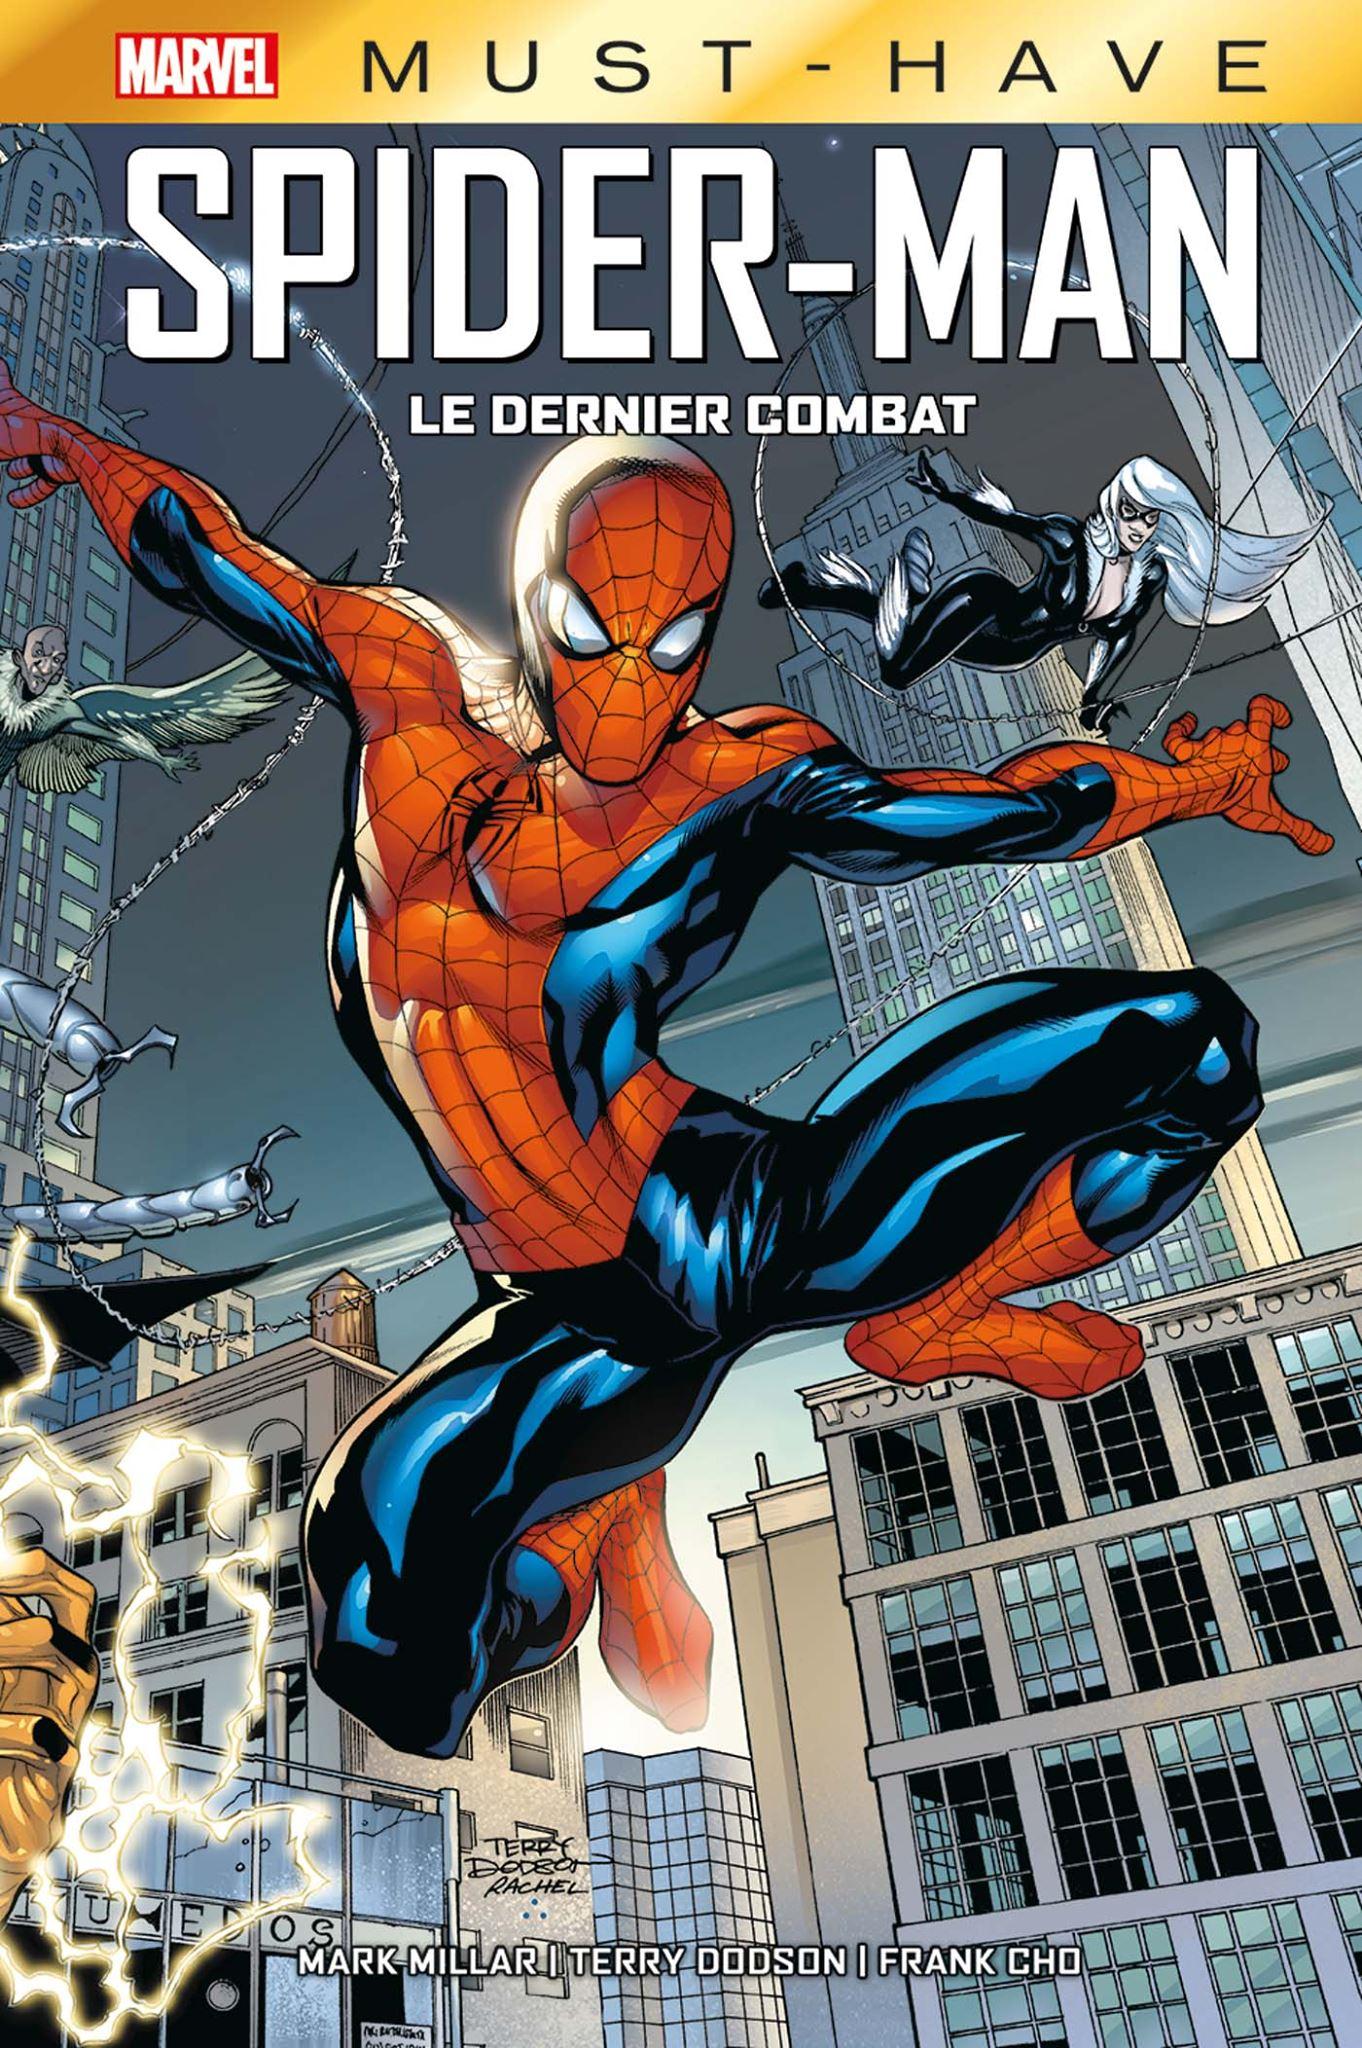 SPIDER-MAN : LE DERNIER COMBAT (MUST-HAVE)